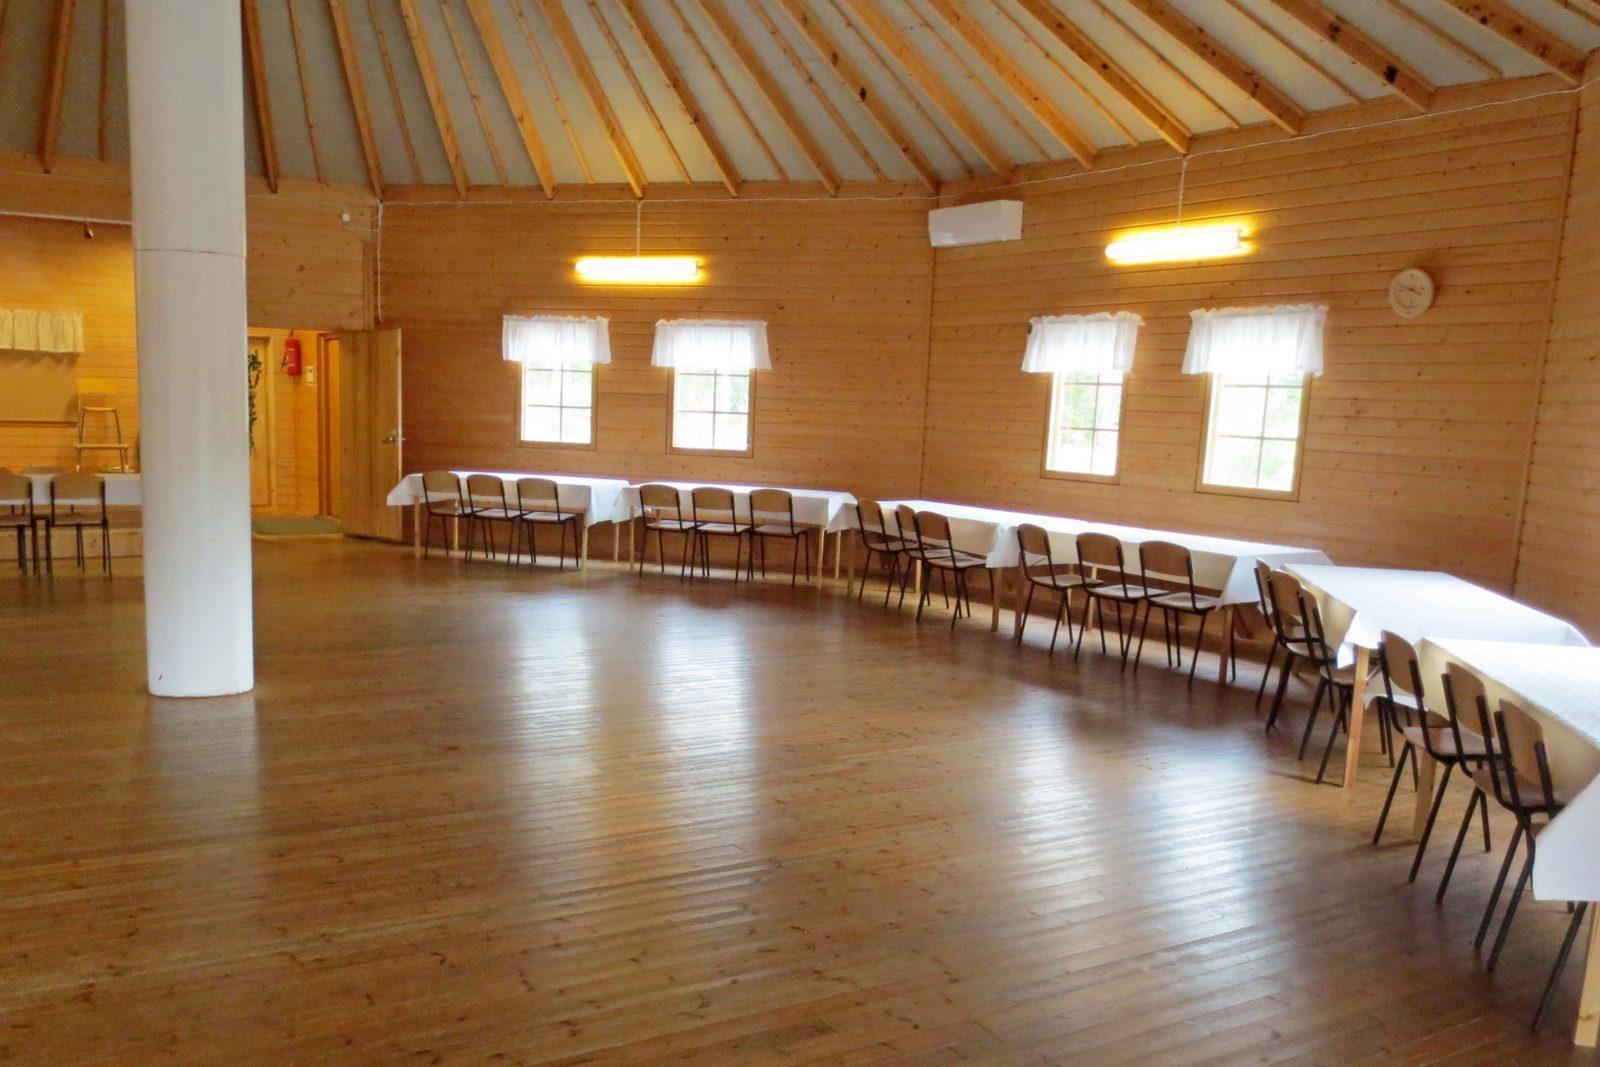 Sisäkuva juhlasalista, keskellä tolppa, seinien vieressä pöydät ja tuolit.